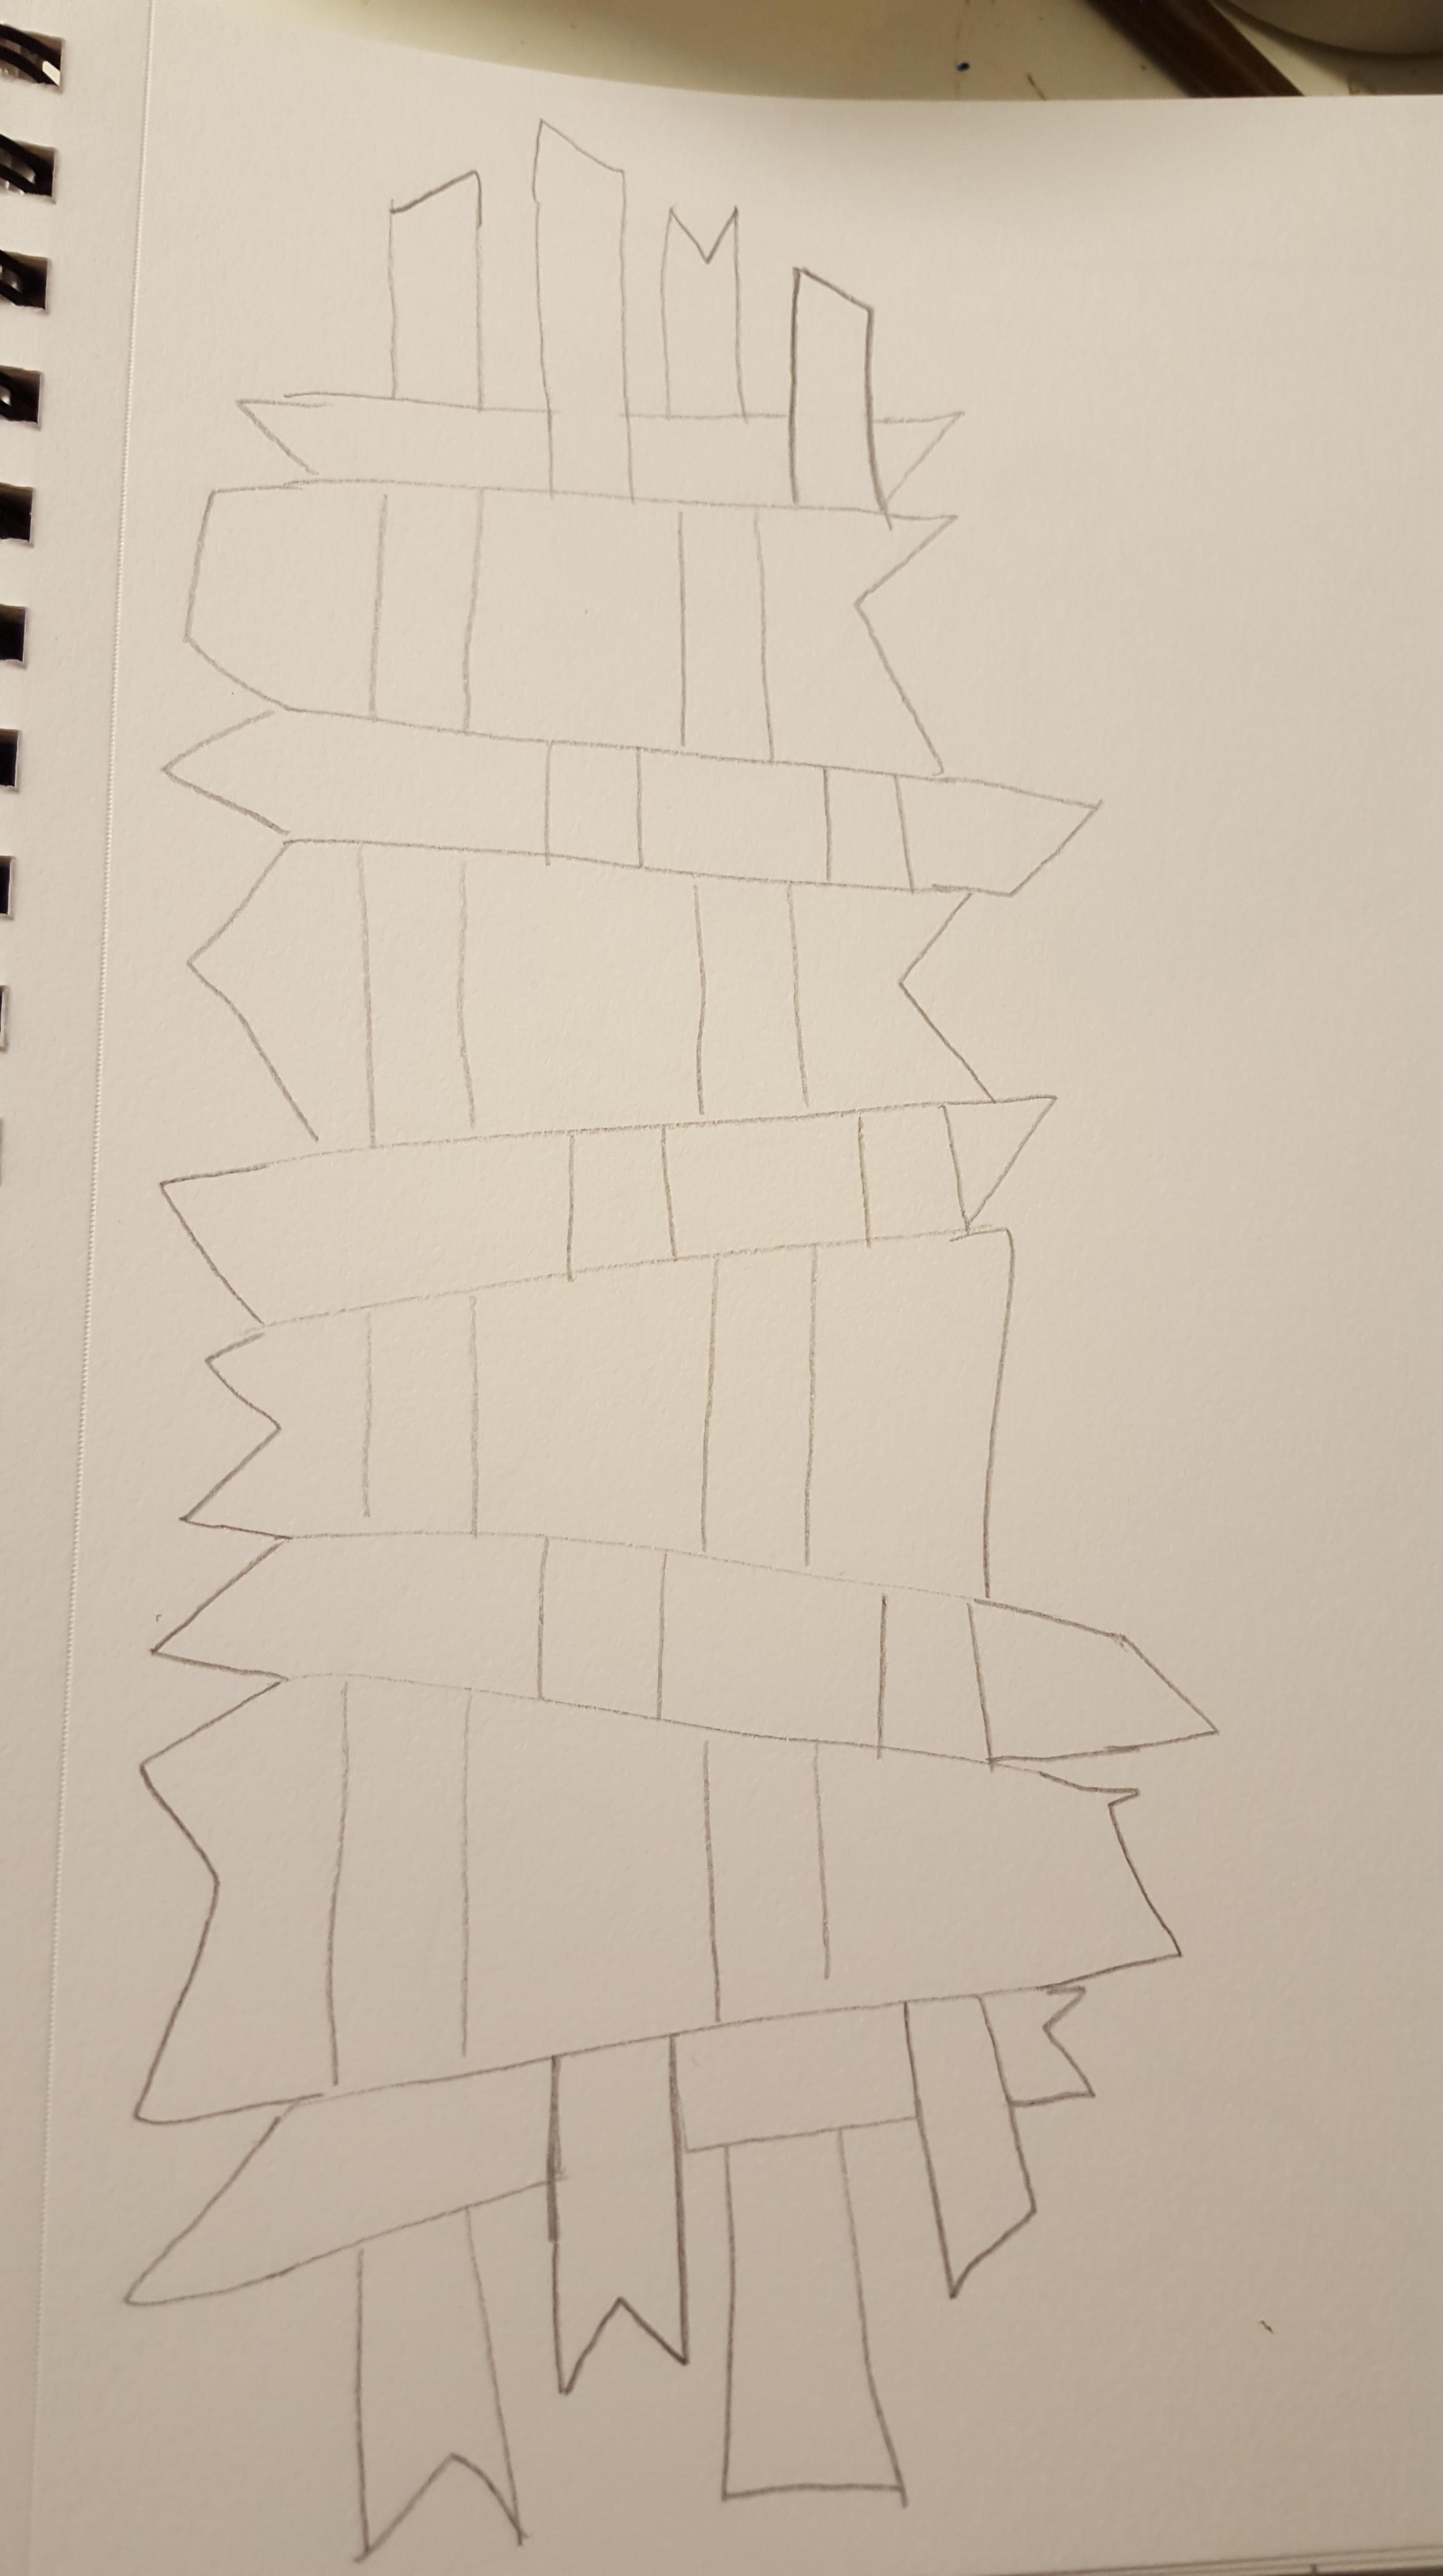 weaving outline